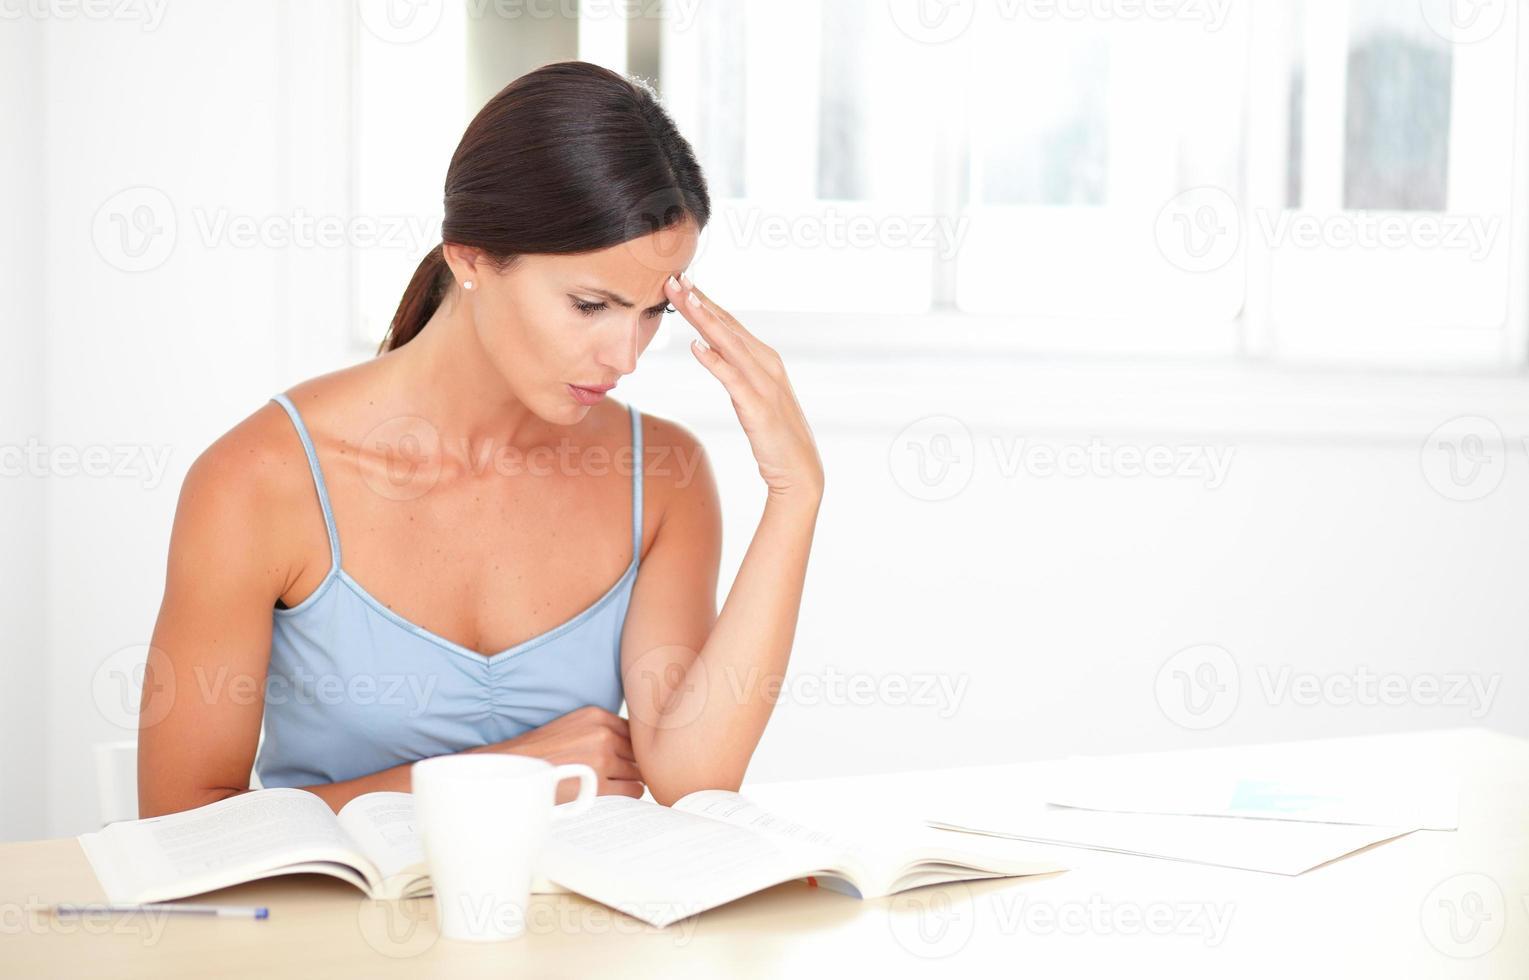 hübsche Frau, die sich auf das Lesen von Büchern konzentriert foto